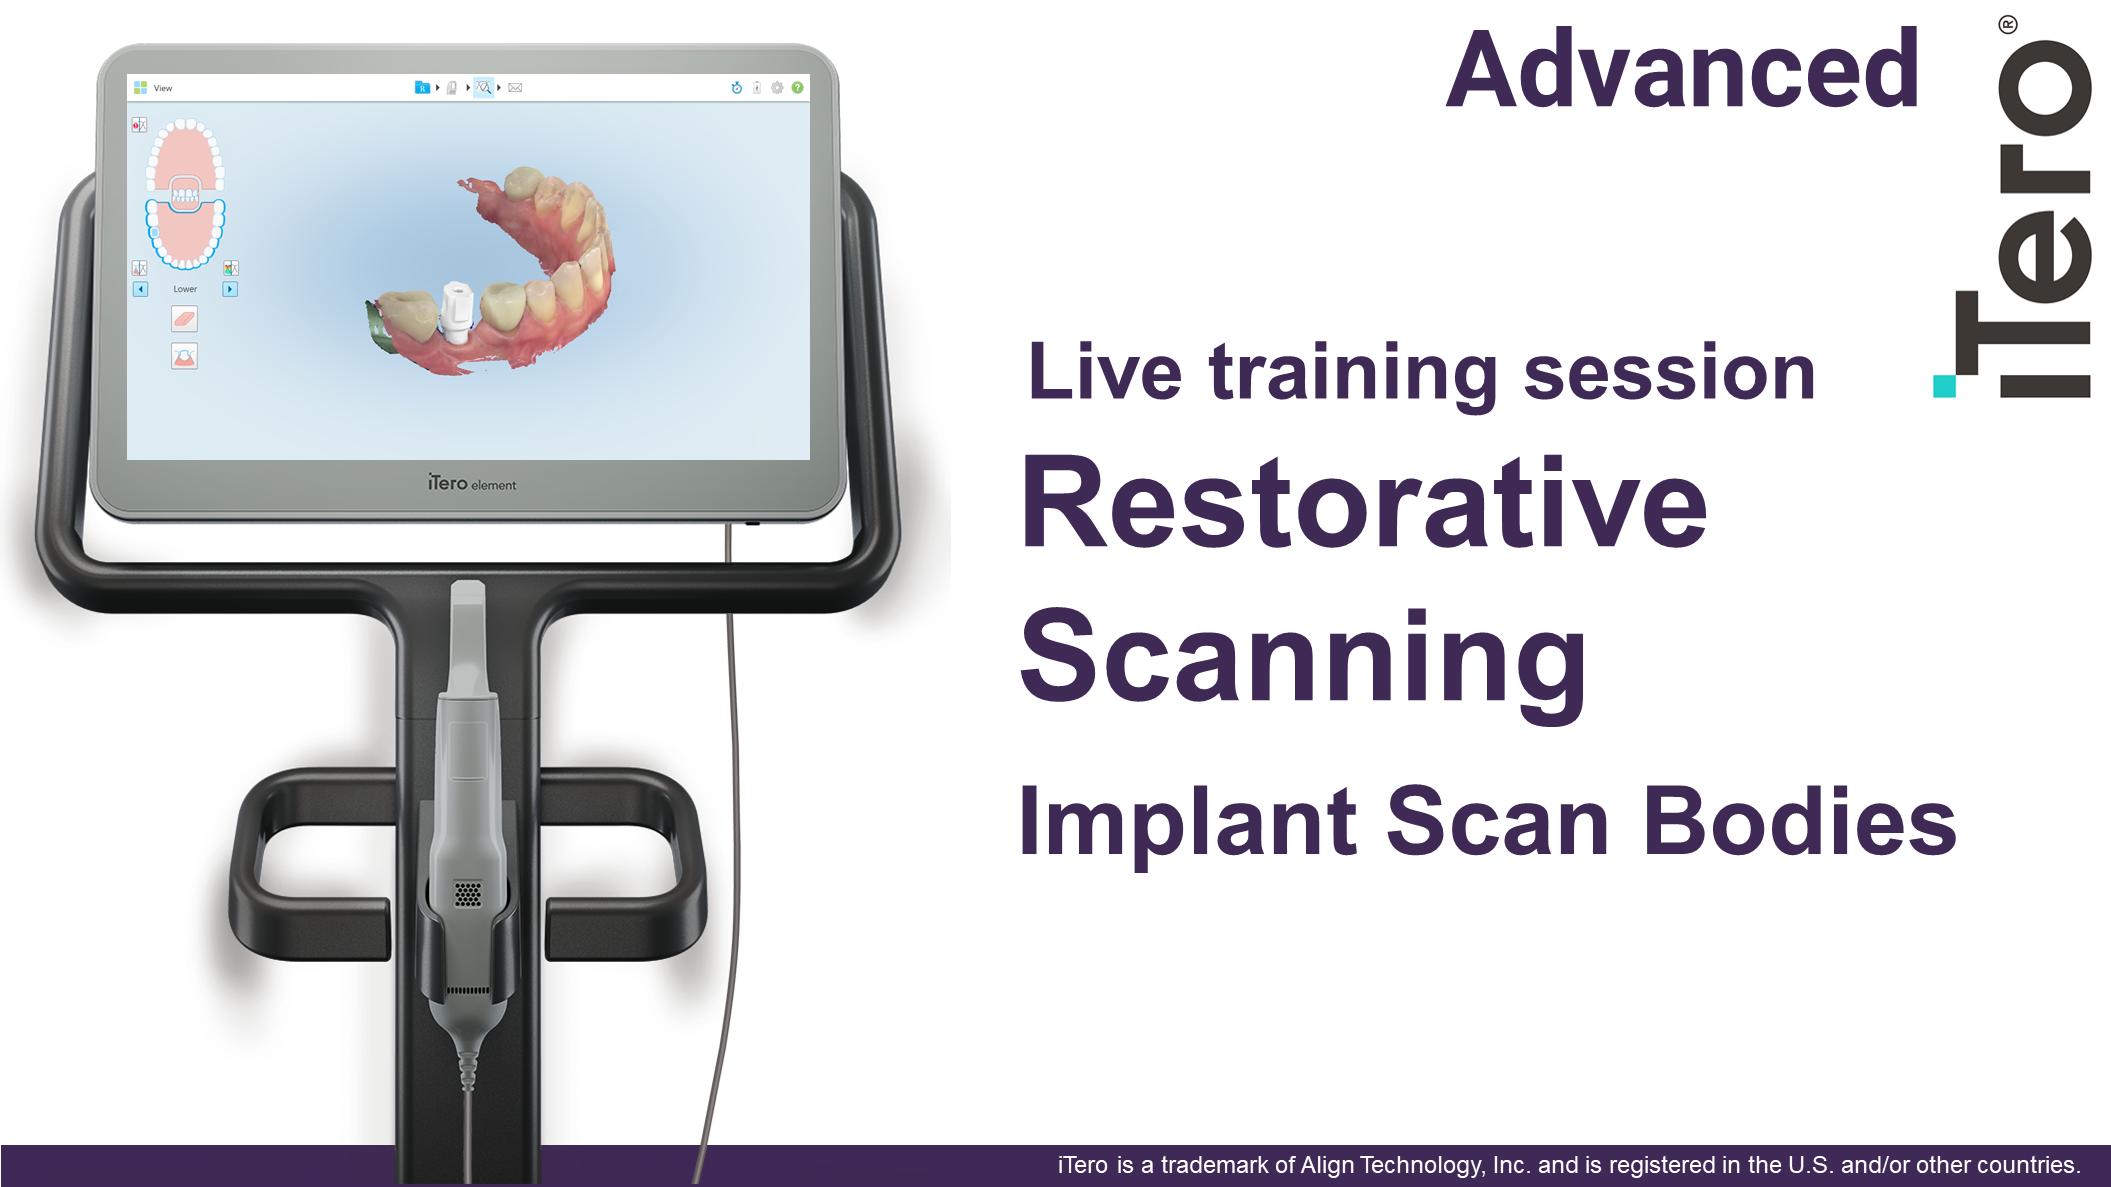 Implant Scan Body Scanning 12pmEDT(11amCT/10amMT/9amPT)